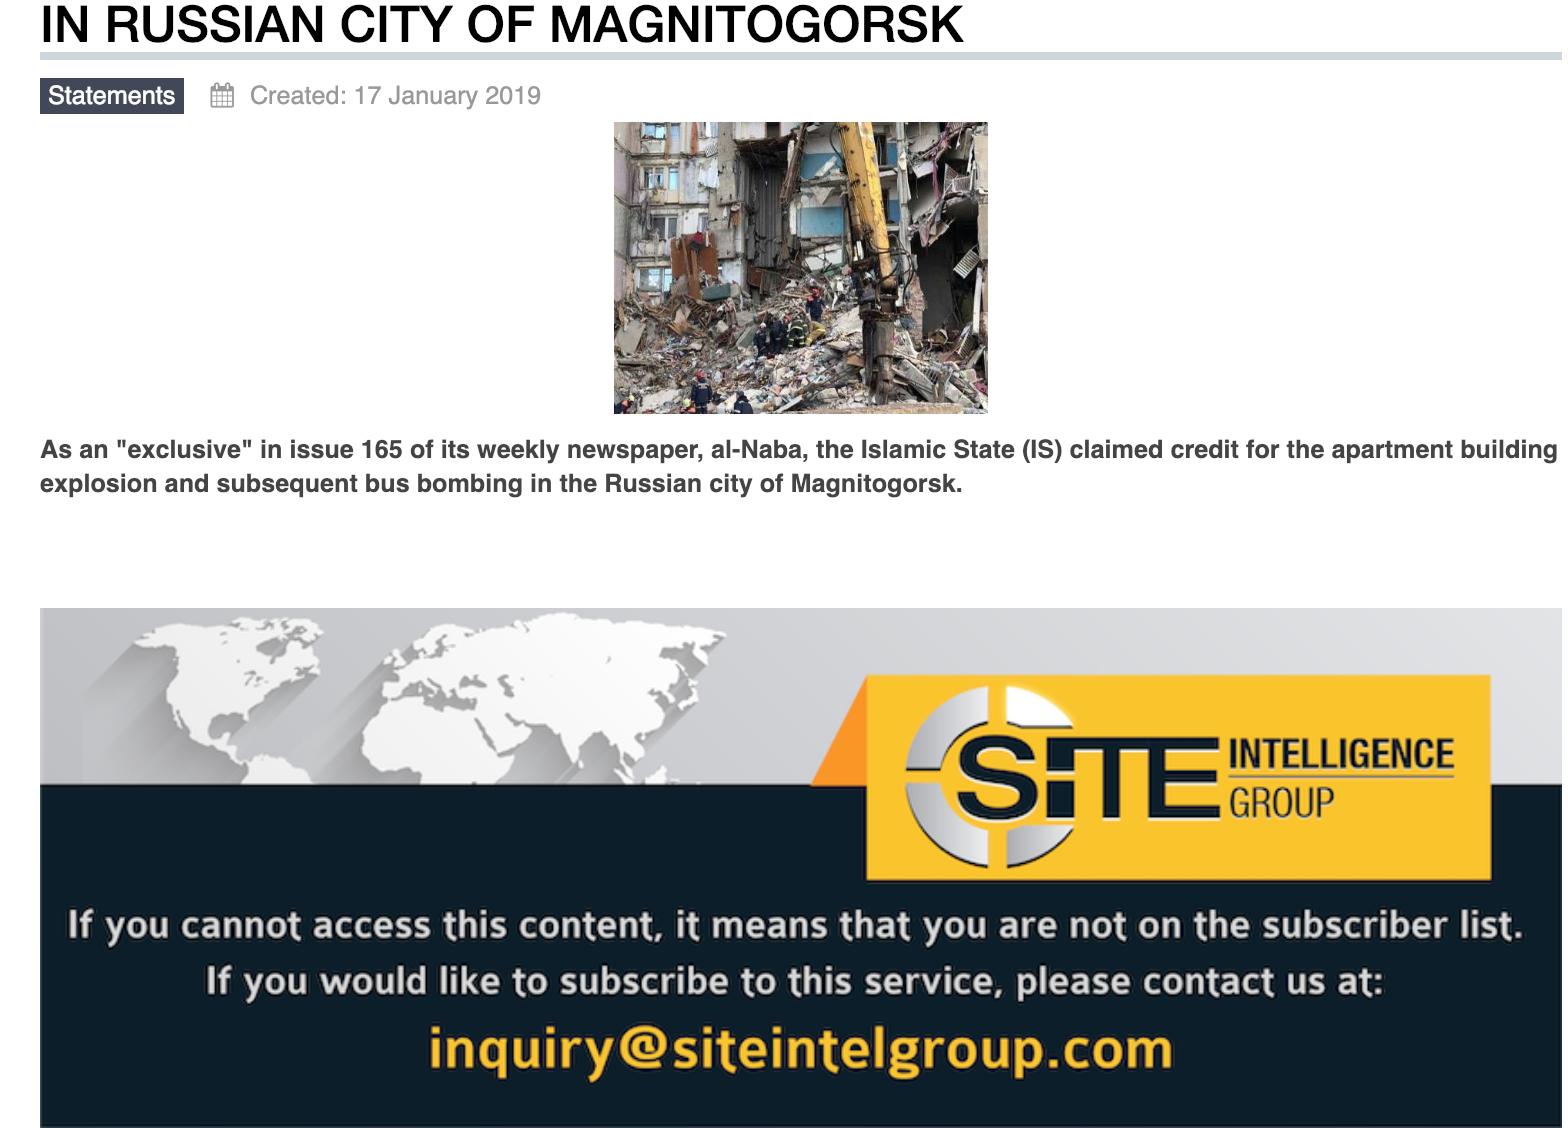 Это были теракты: ИГ ответственны за взрывы в Магнитогорске